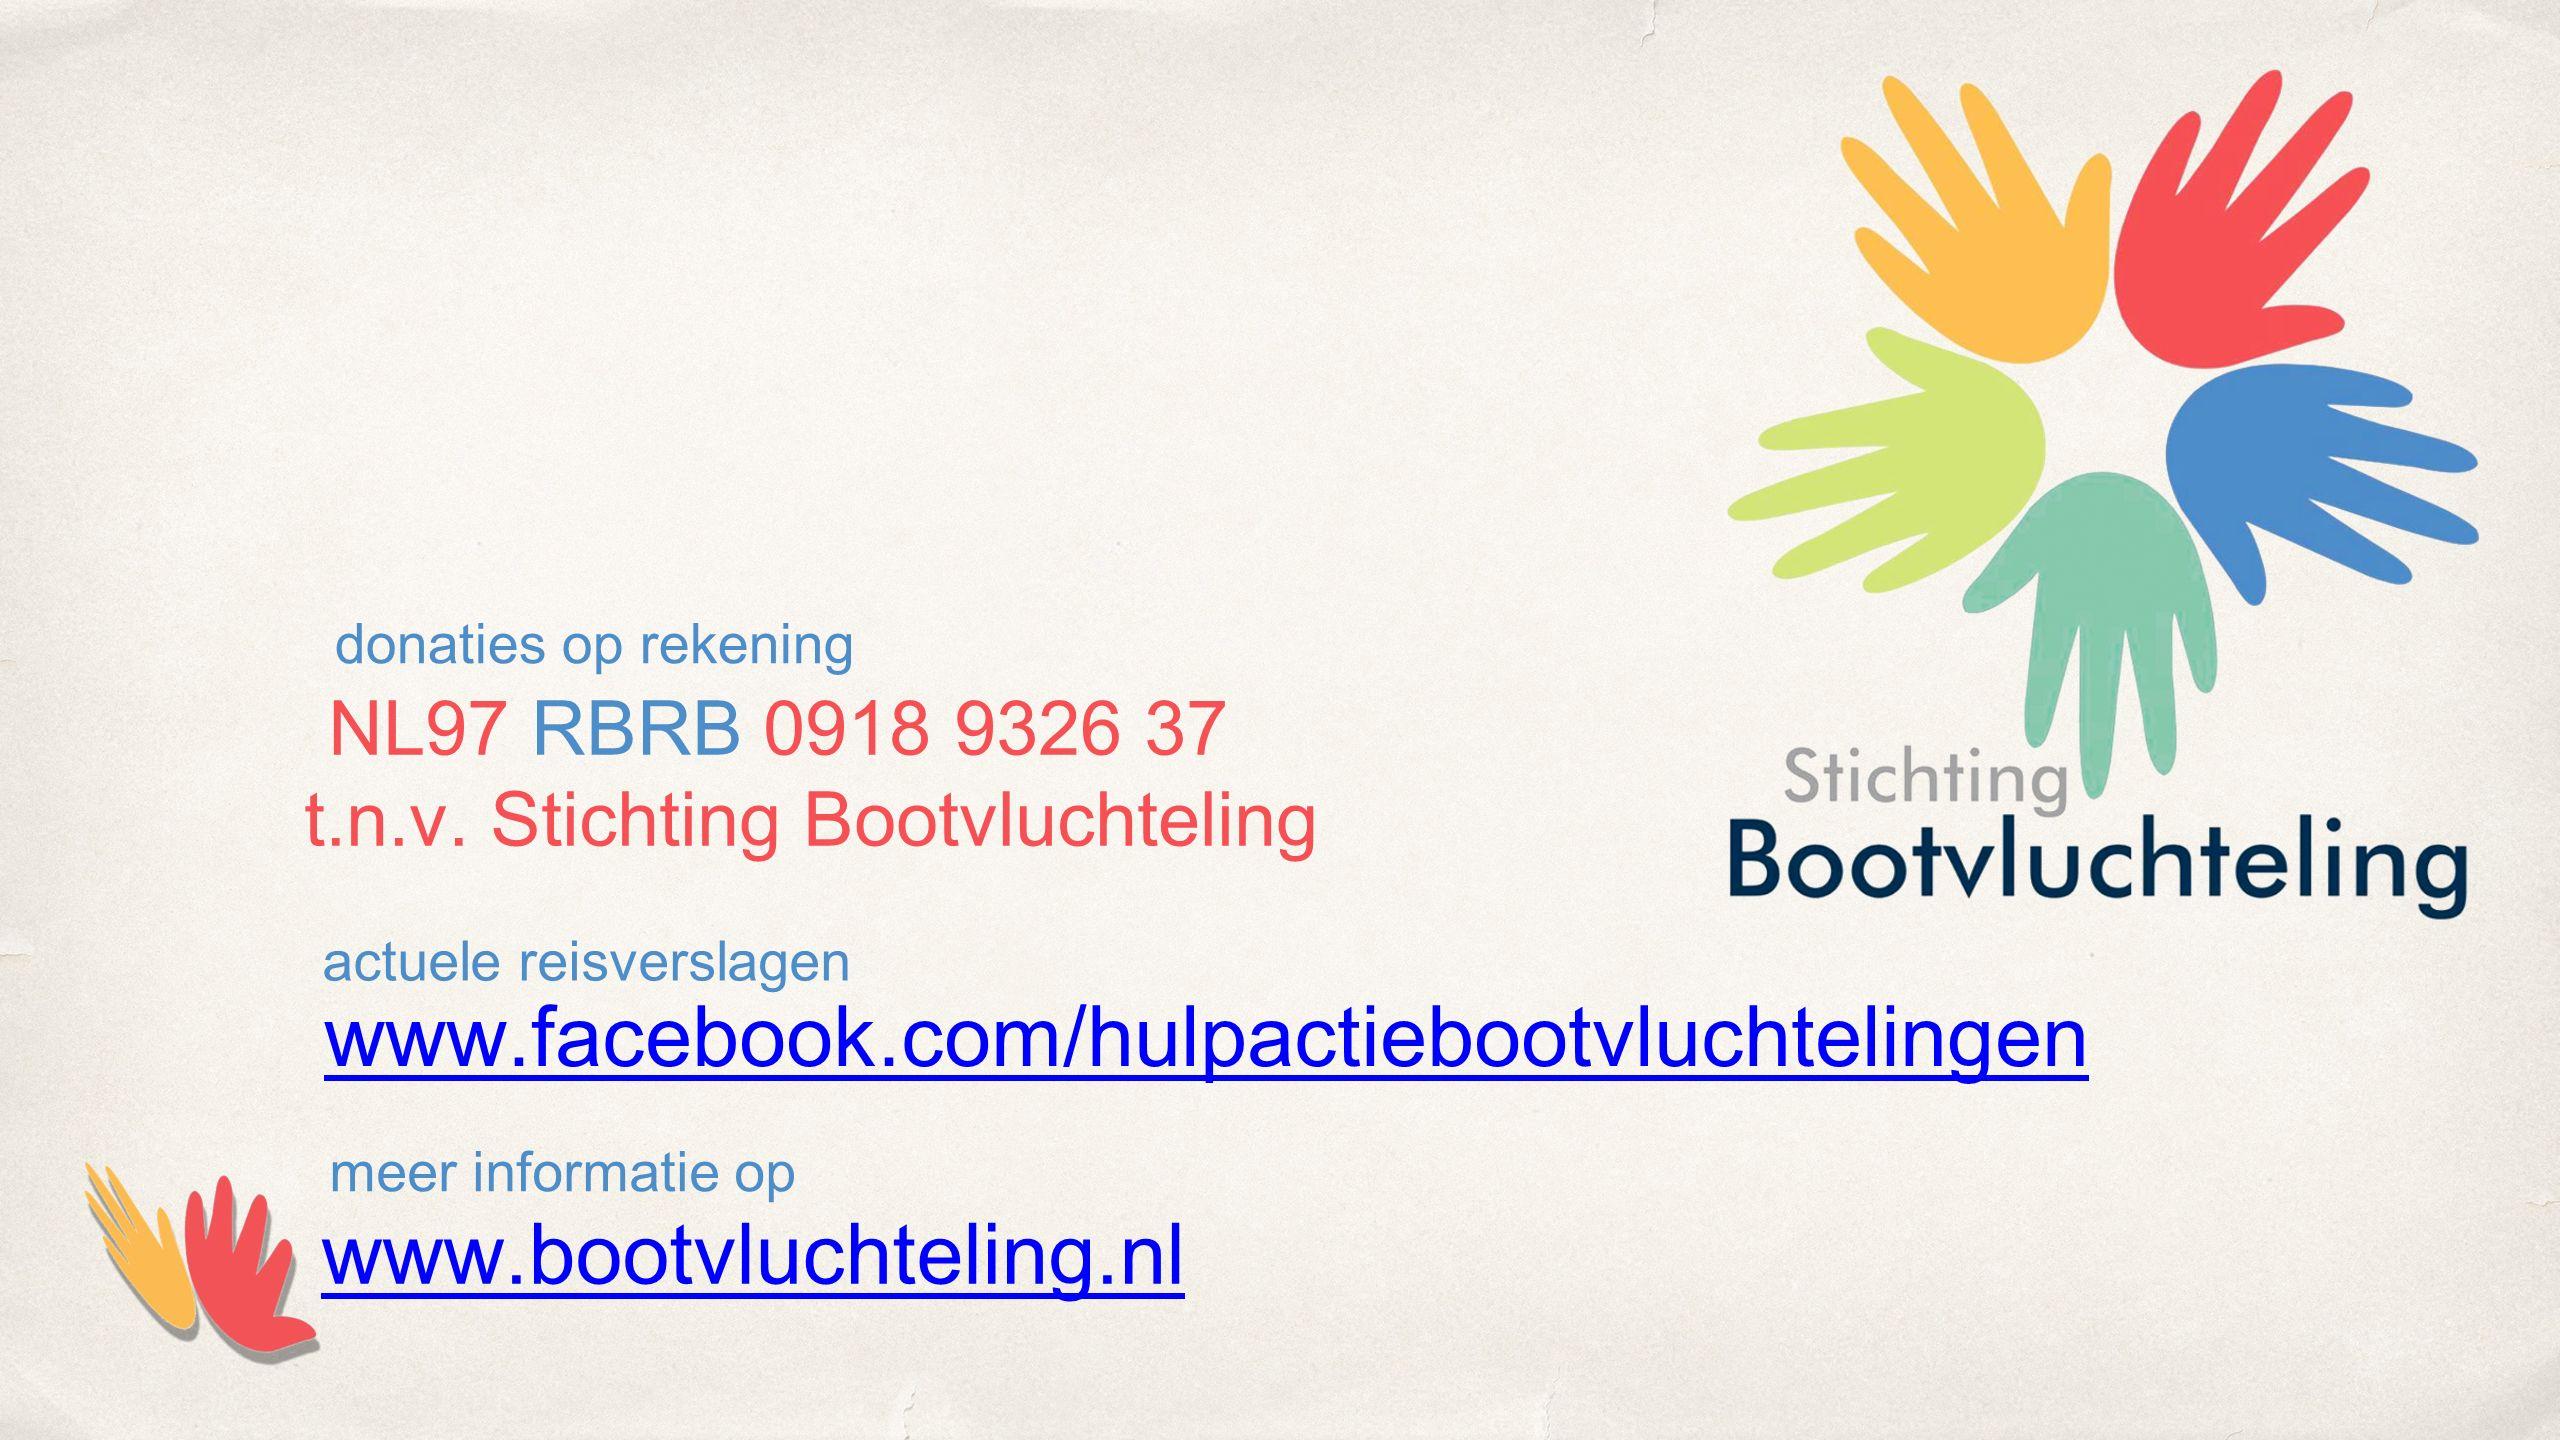 www.bootvluchteling.nl meer informatie op NL97 RBRB 0918 9326 37 t.n.v. Stichting Bootvluchteling donaties op rekening www.facebook.com/hulpactiebootv